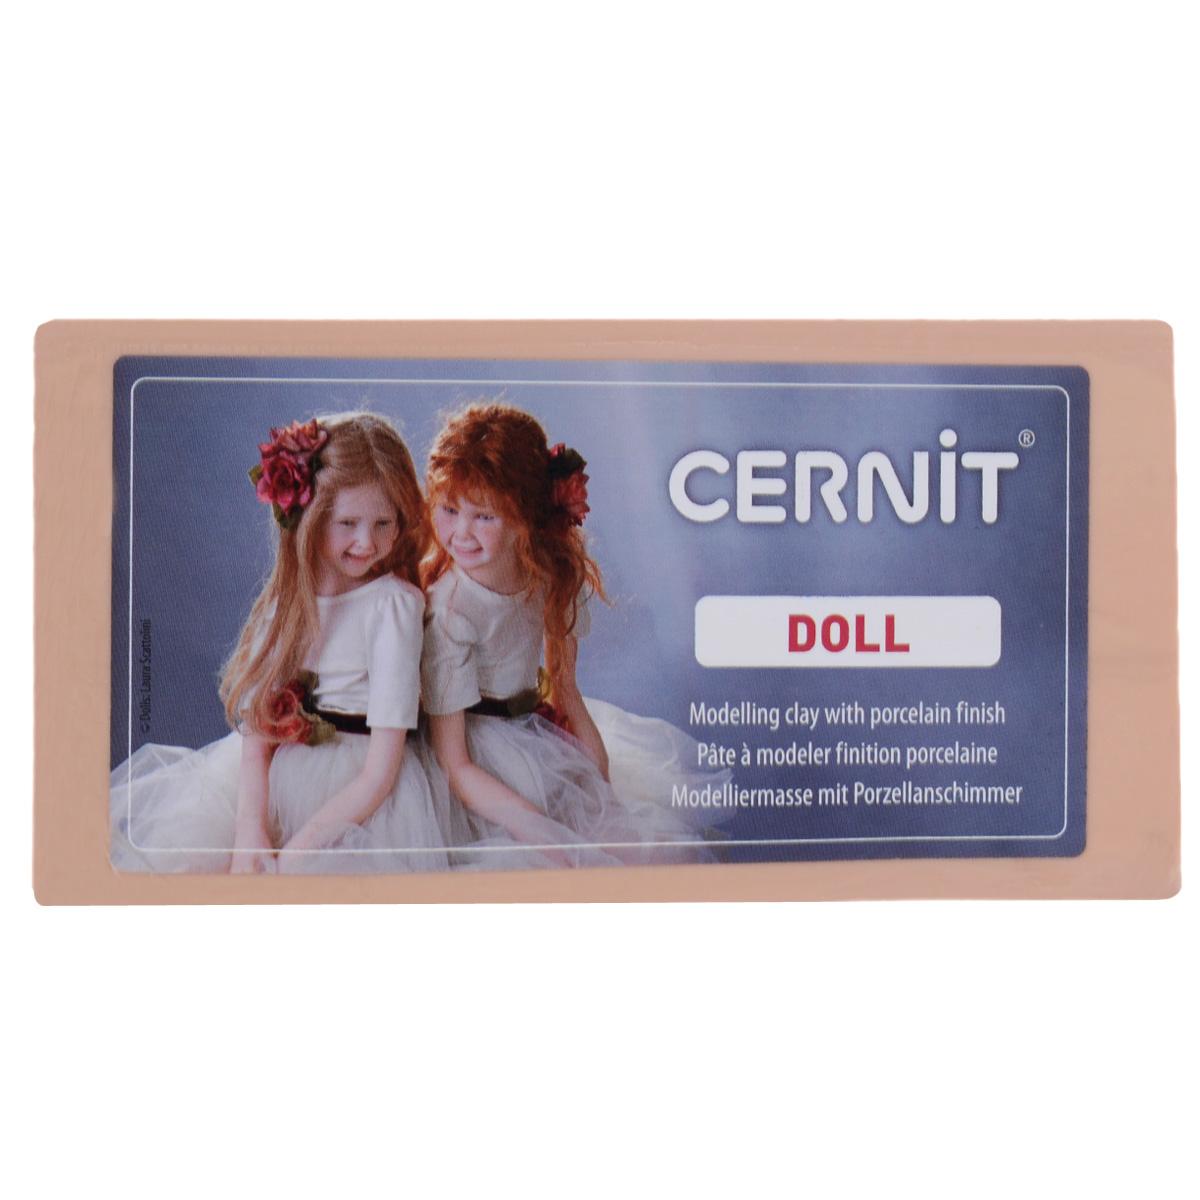 Пластика Cernit Doll, цвет: карамельный (807), 500 г680420_807Пластика Cernit Doll - это запекаемая полимерная масса, предназначенная для лепки. Запекается в домашней печи при температуре до 130°C не более 30 минут. Имеет воскоподобную структуру, в начале работы довольно плотная, но быстро реагирует на тепло рук. При работе приходится периодически охлаждать. Лучше использовать этот пластик для изготовления очень больших фигур с прочным каркасом, чтобы масса лучше держала форму. После запекания изделие приобретает твердость и может раскрашиваться красками и подвергаться механической обработке. Пластика после запекания идеально прочная. Полупрозрачность, фарфоровая структура после запекания, и вышеупомянутая прочность пластики делают ее одним из фаворитов среди профессиональных кукольных мастеров. Никакая другая пластика не дает такой прозрачности. Рекомендовано для детей старше 8 лет. Транспортировка и хранение пластики возможно только при положительной температуре. Материал: полимерная...